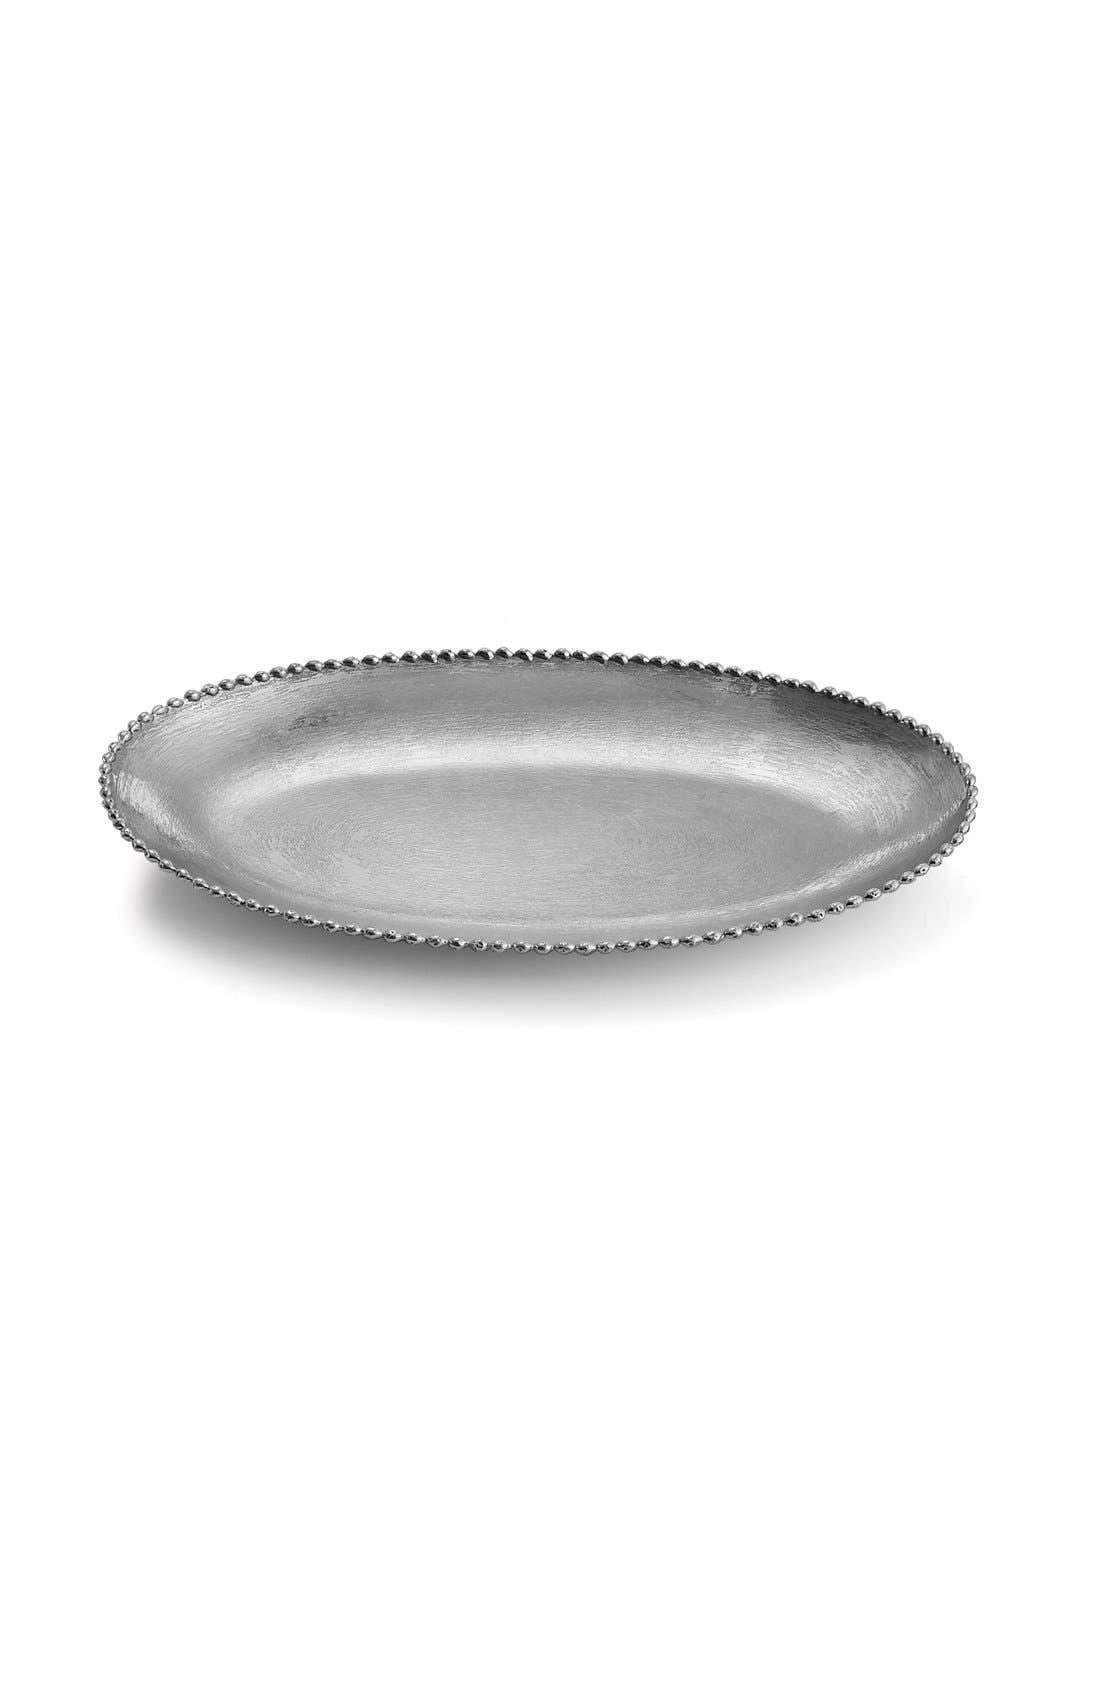 Michael Aram 'Molten Frost' Small Platter